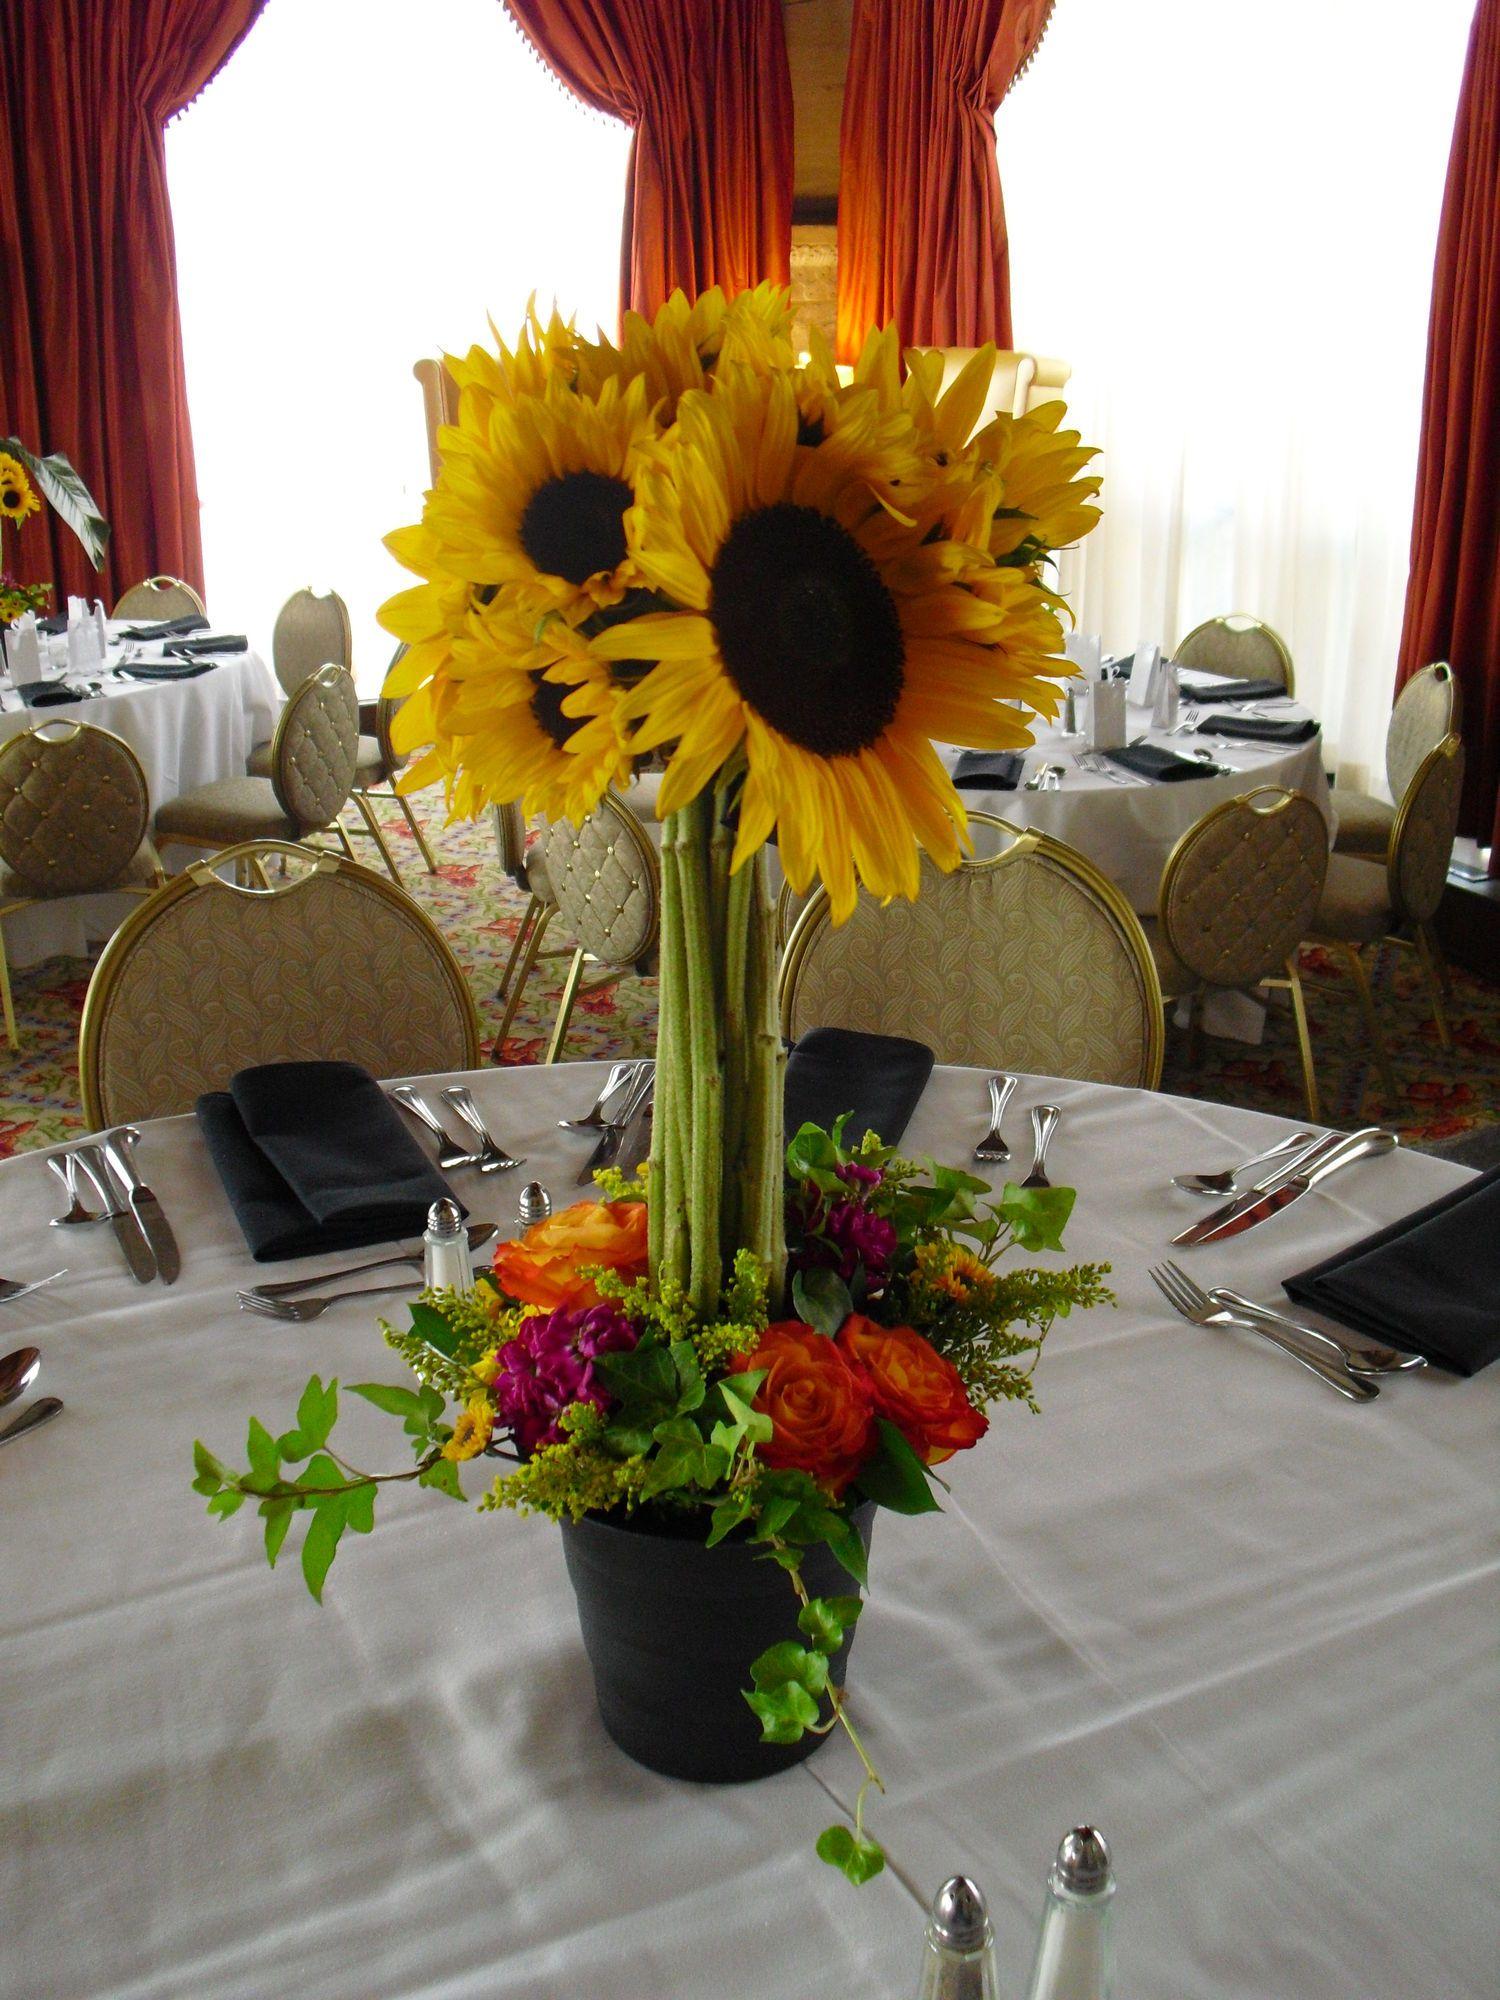 Sungur Wedding reception centerpieces Sunflower